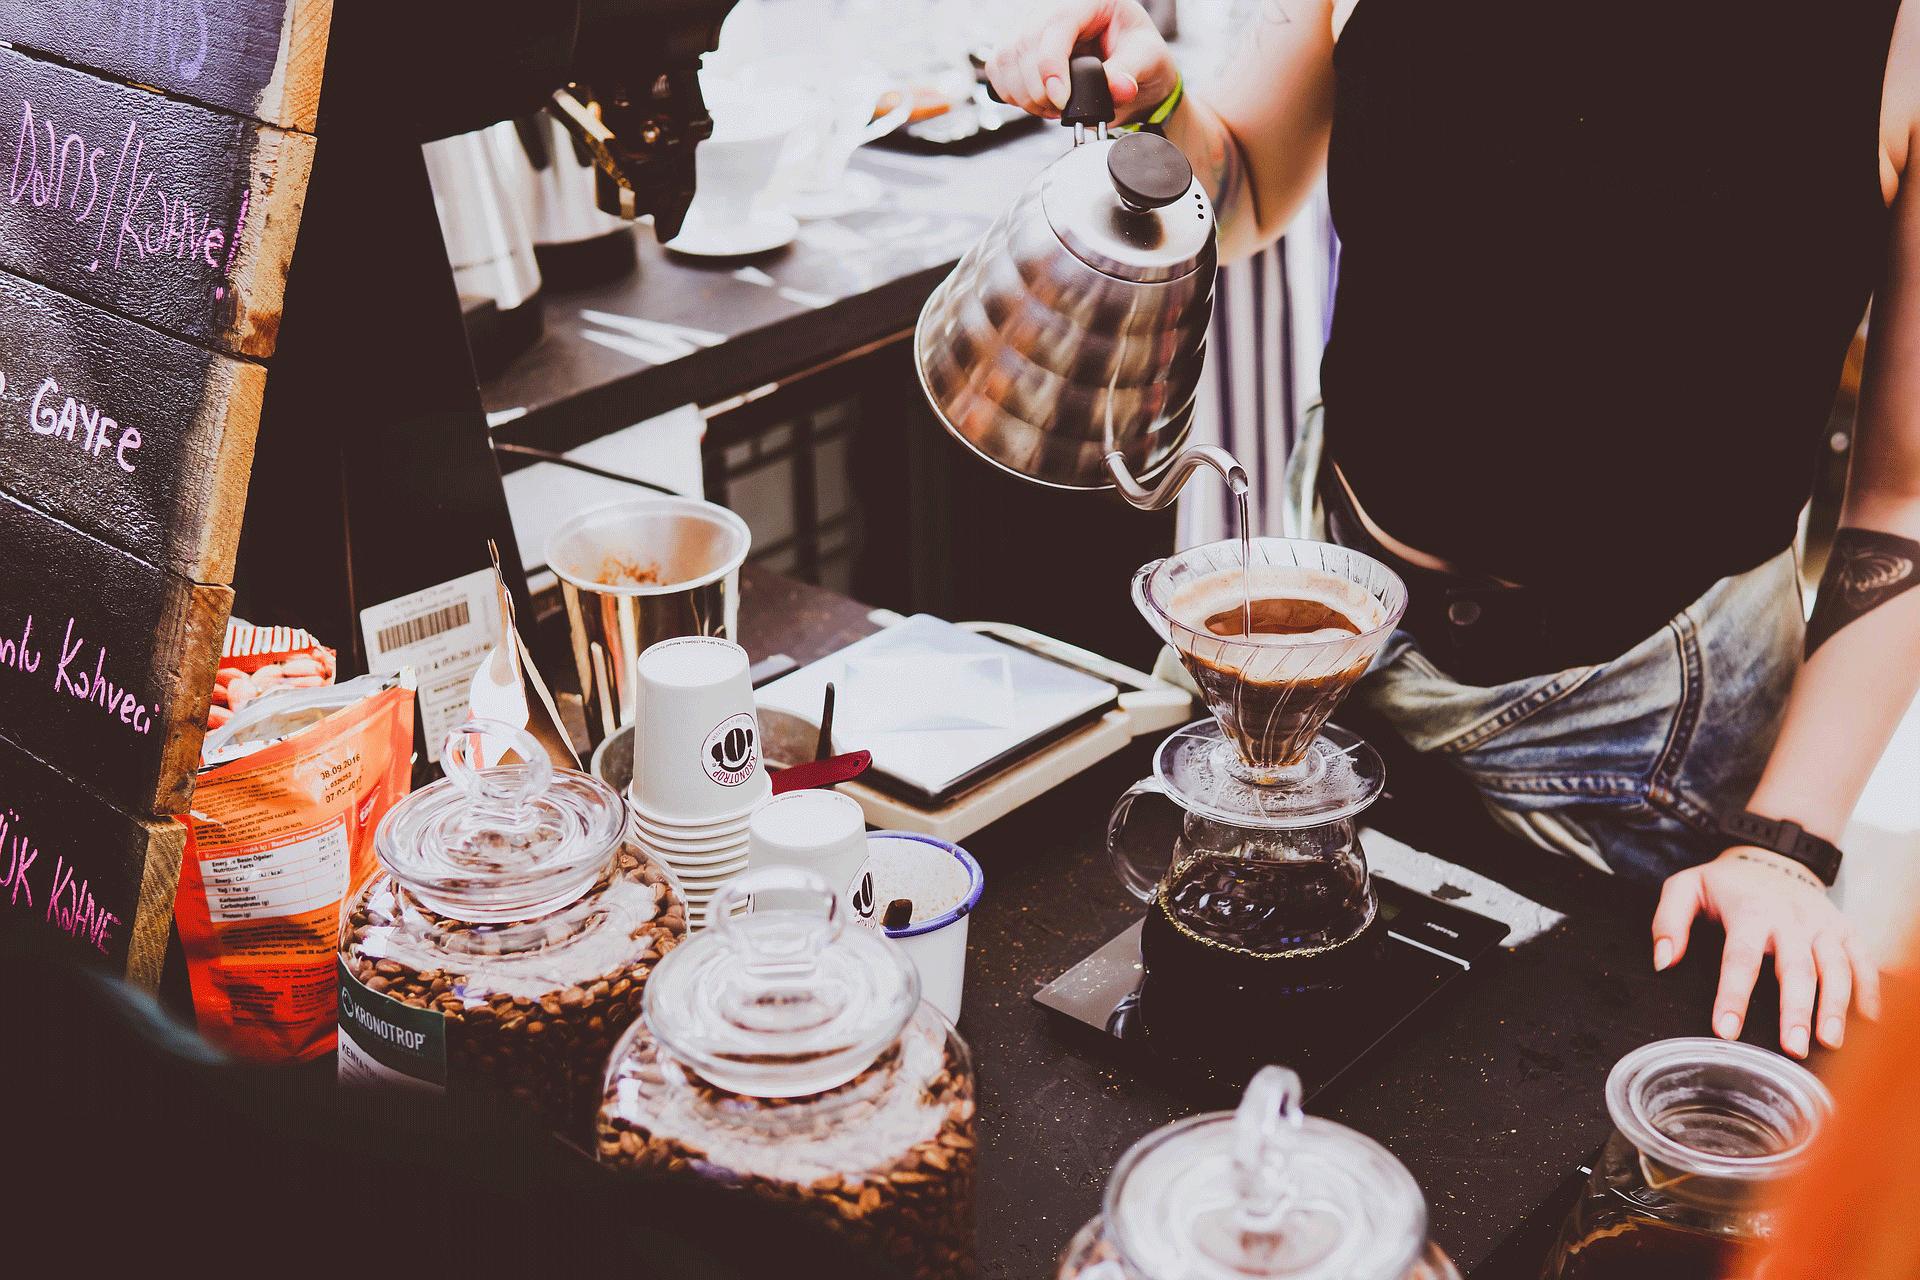 История кофе. Как появился кофе